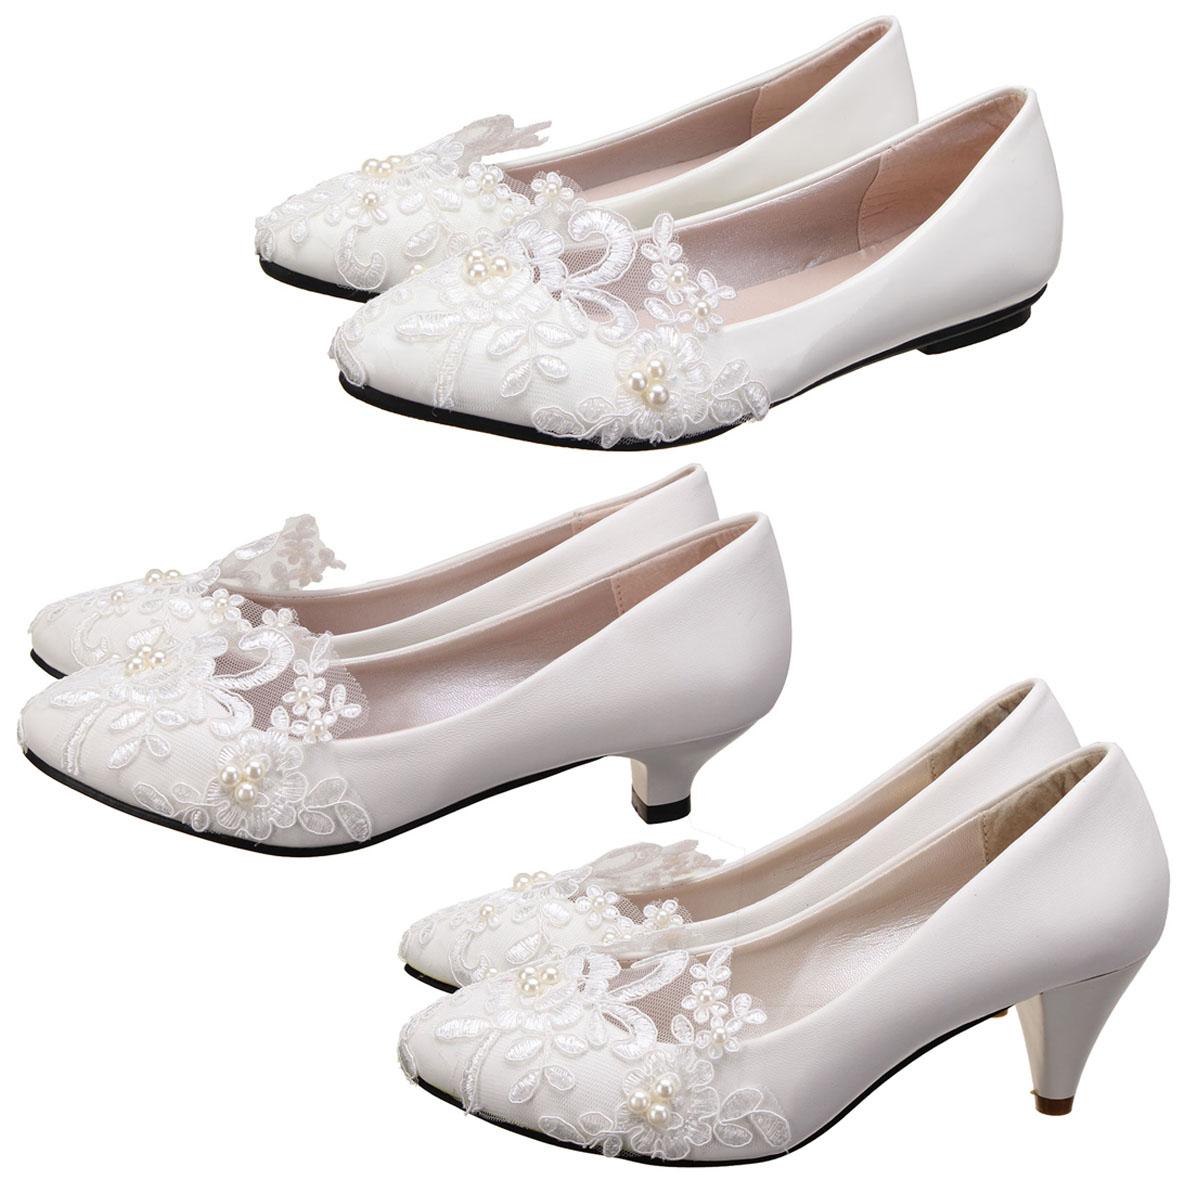 adc51b03a14843 Damen Brautschuhe Blumen Halbschuhe Flache Schuhe Bootsschuhe ...